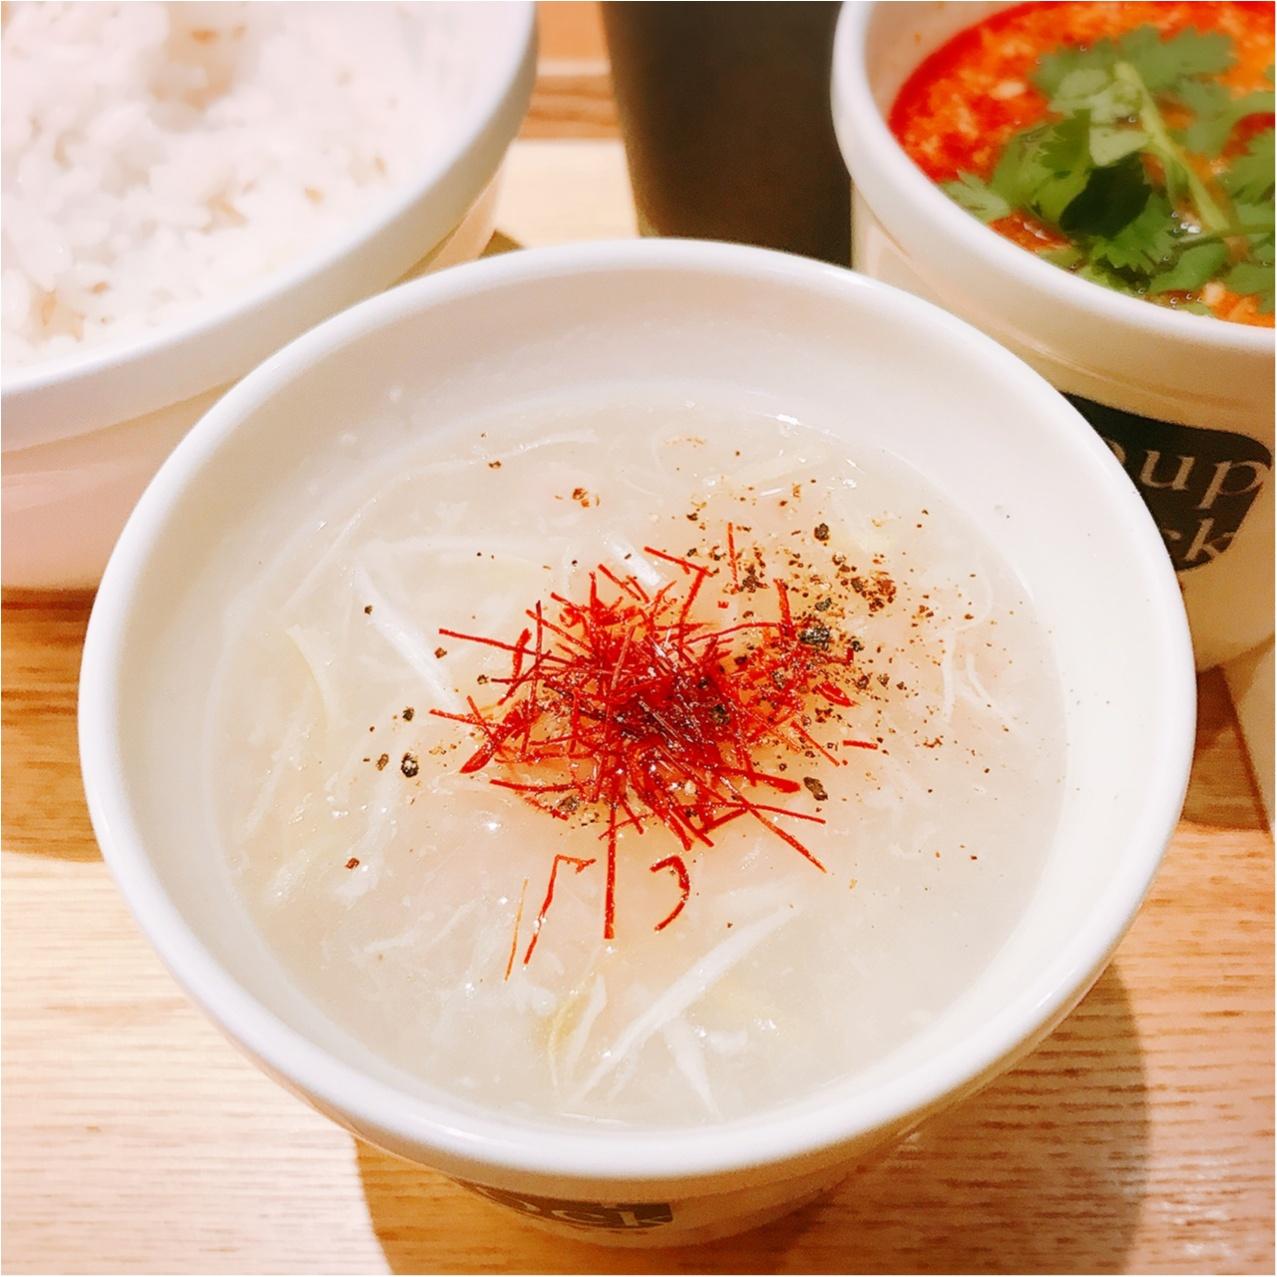 肌寒い日は《Soup Stock Tokyo》へ!新しくなった「参鶏湯(サンゲタン)」で温まろう♡_2